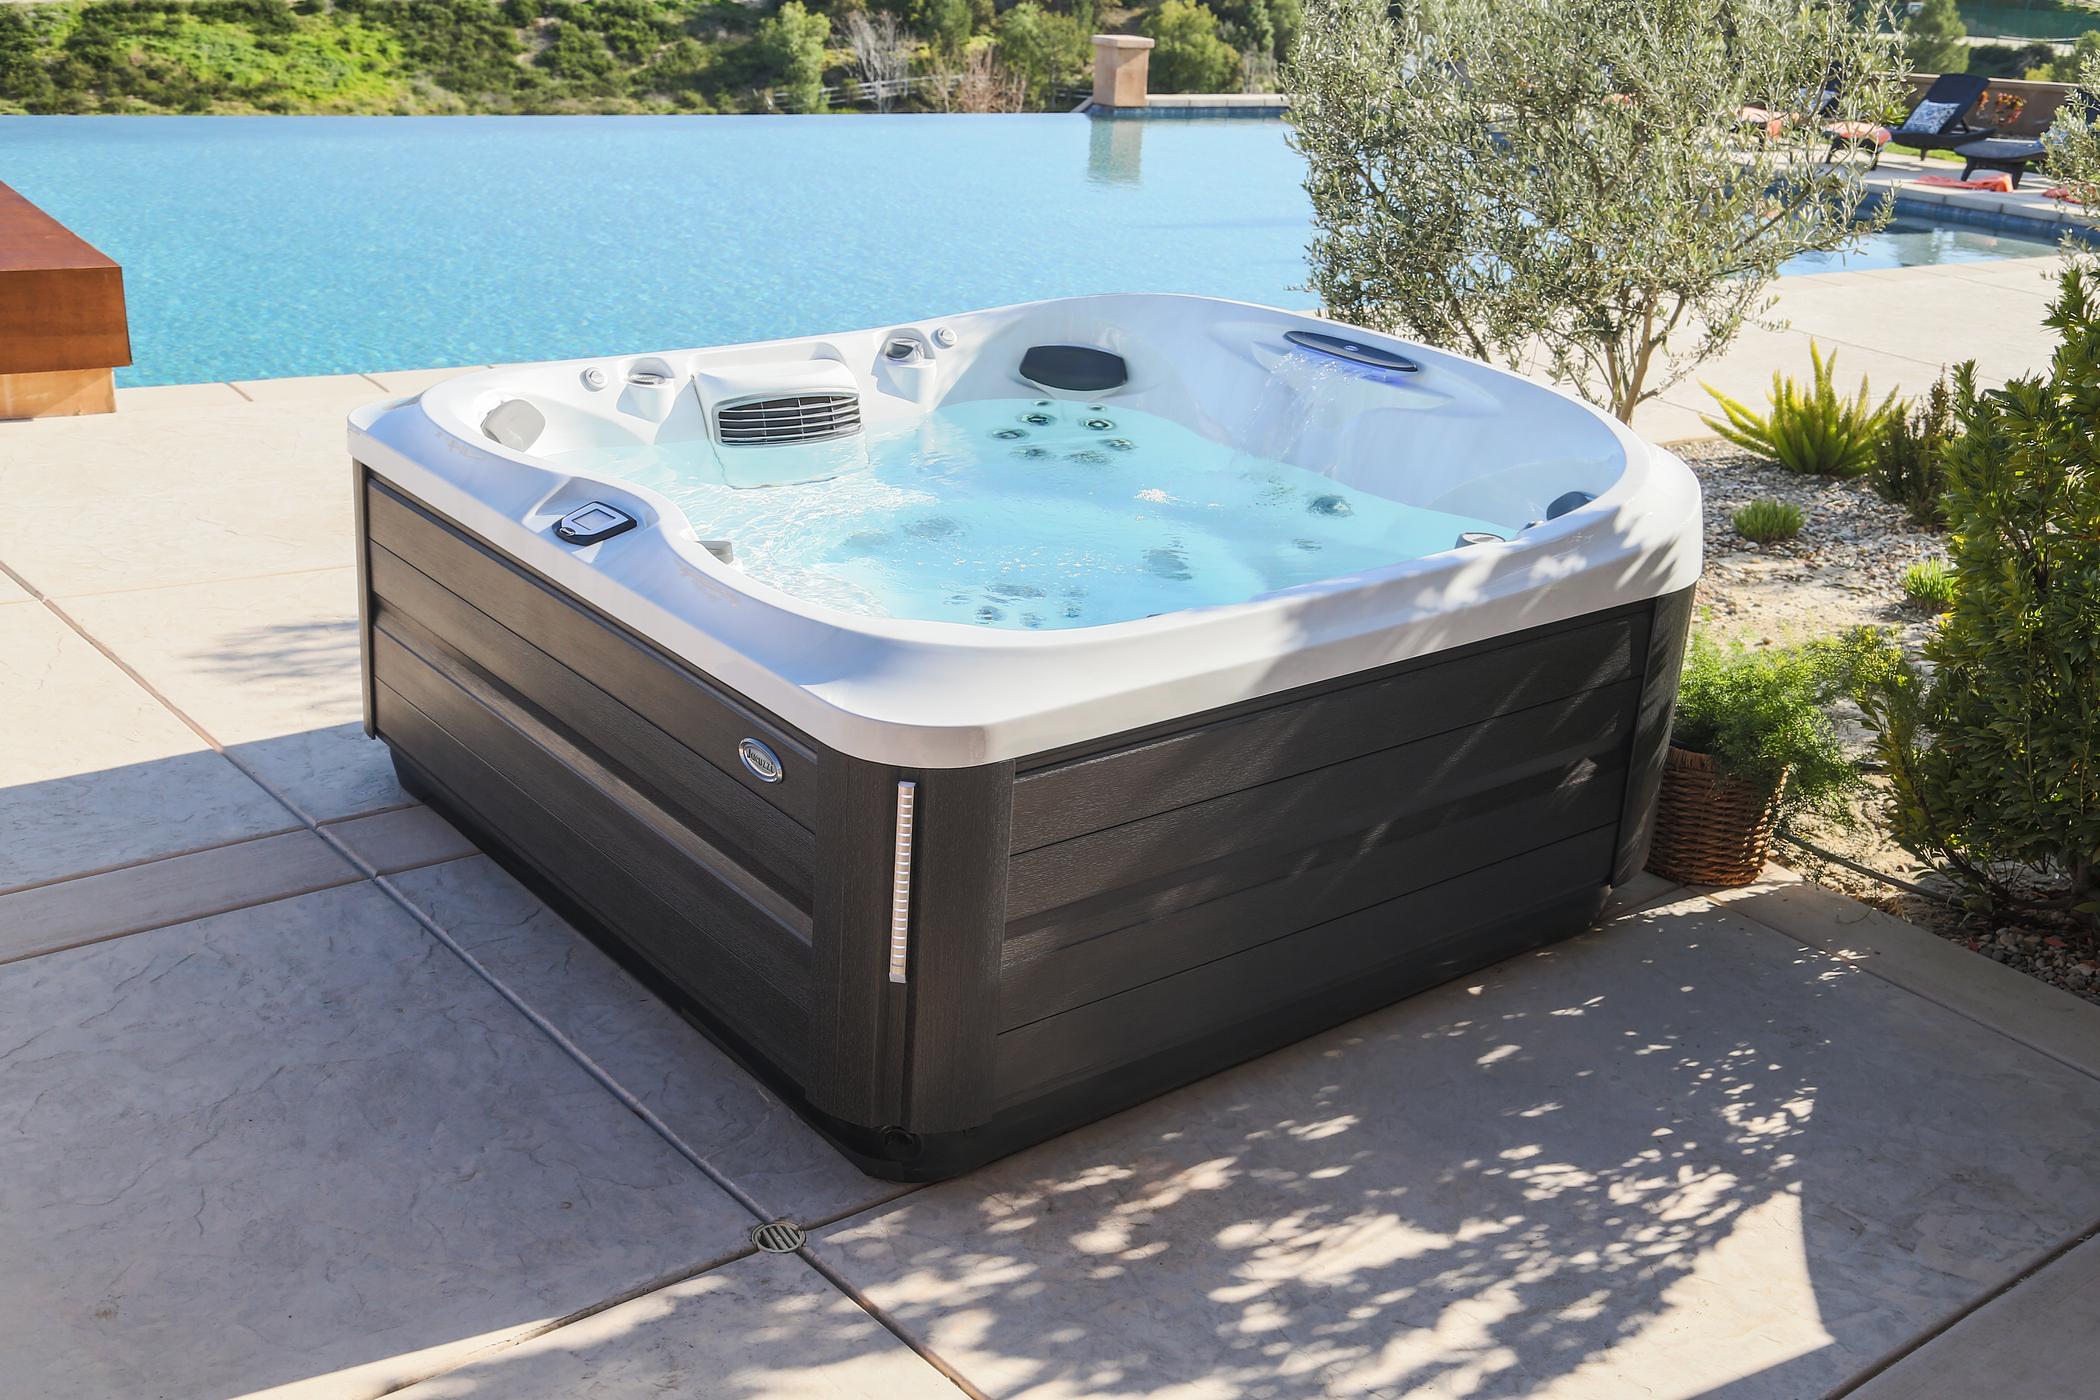 Premium outdoor Jacuzzi Hot Tub installation.